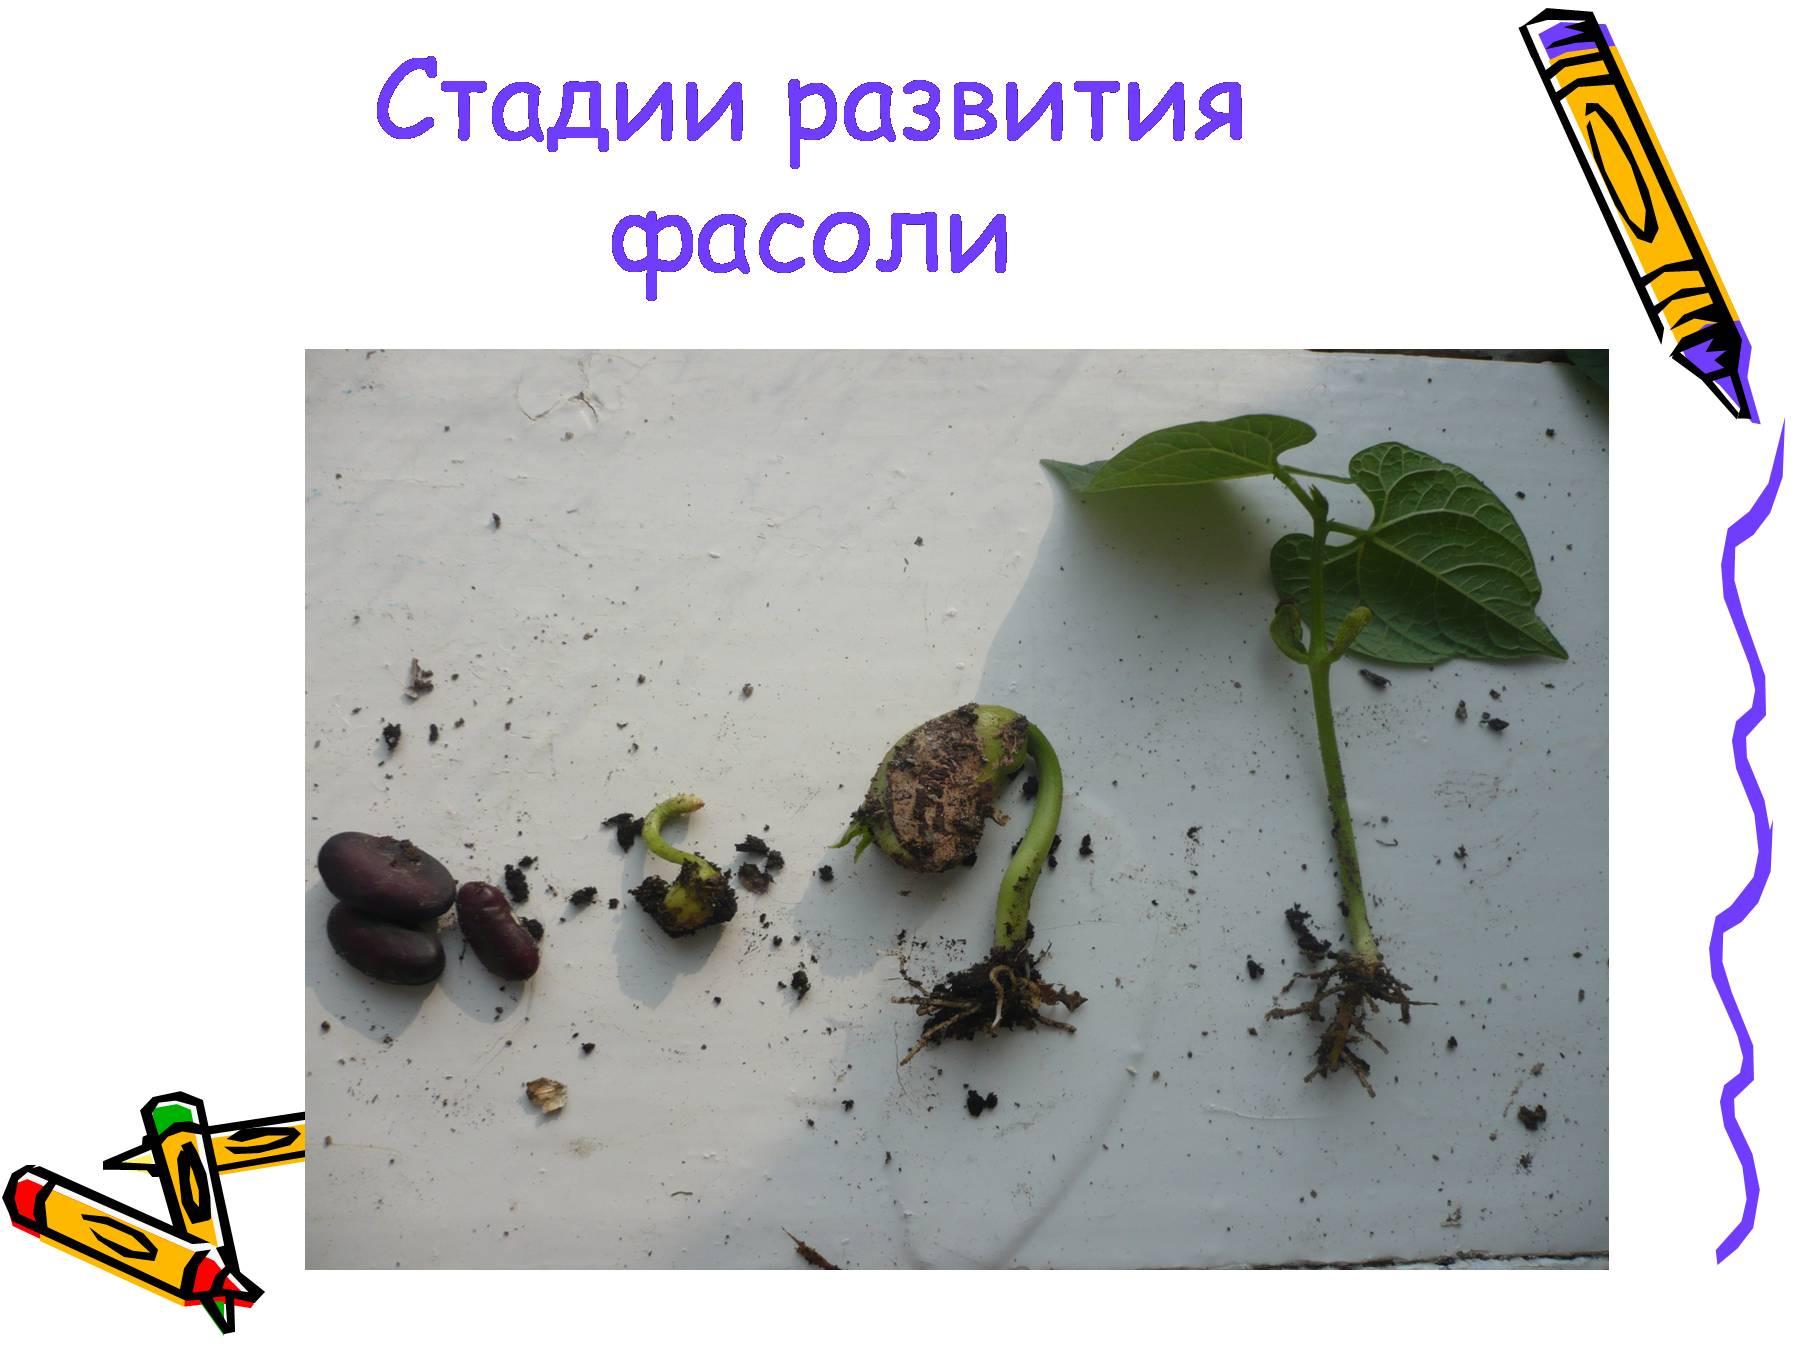 солнышко картинка как развивается растение из семени всему миру